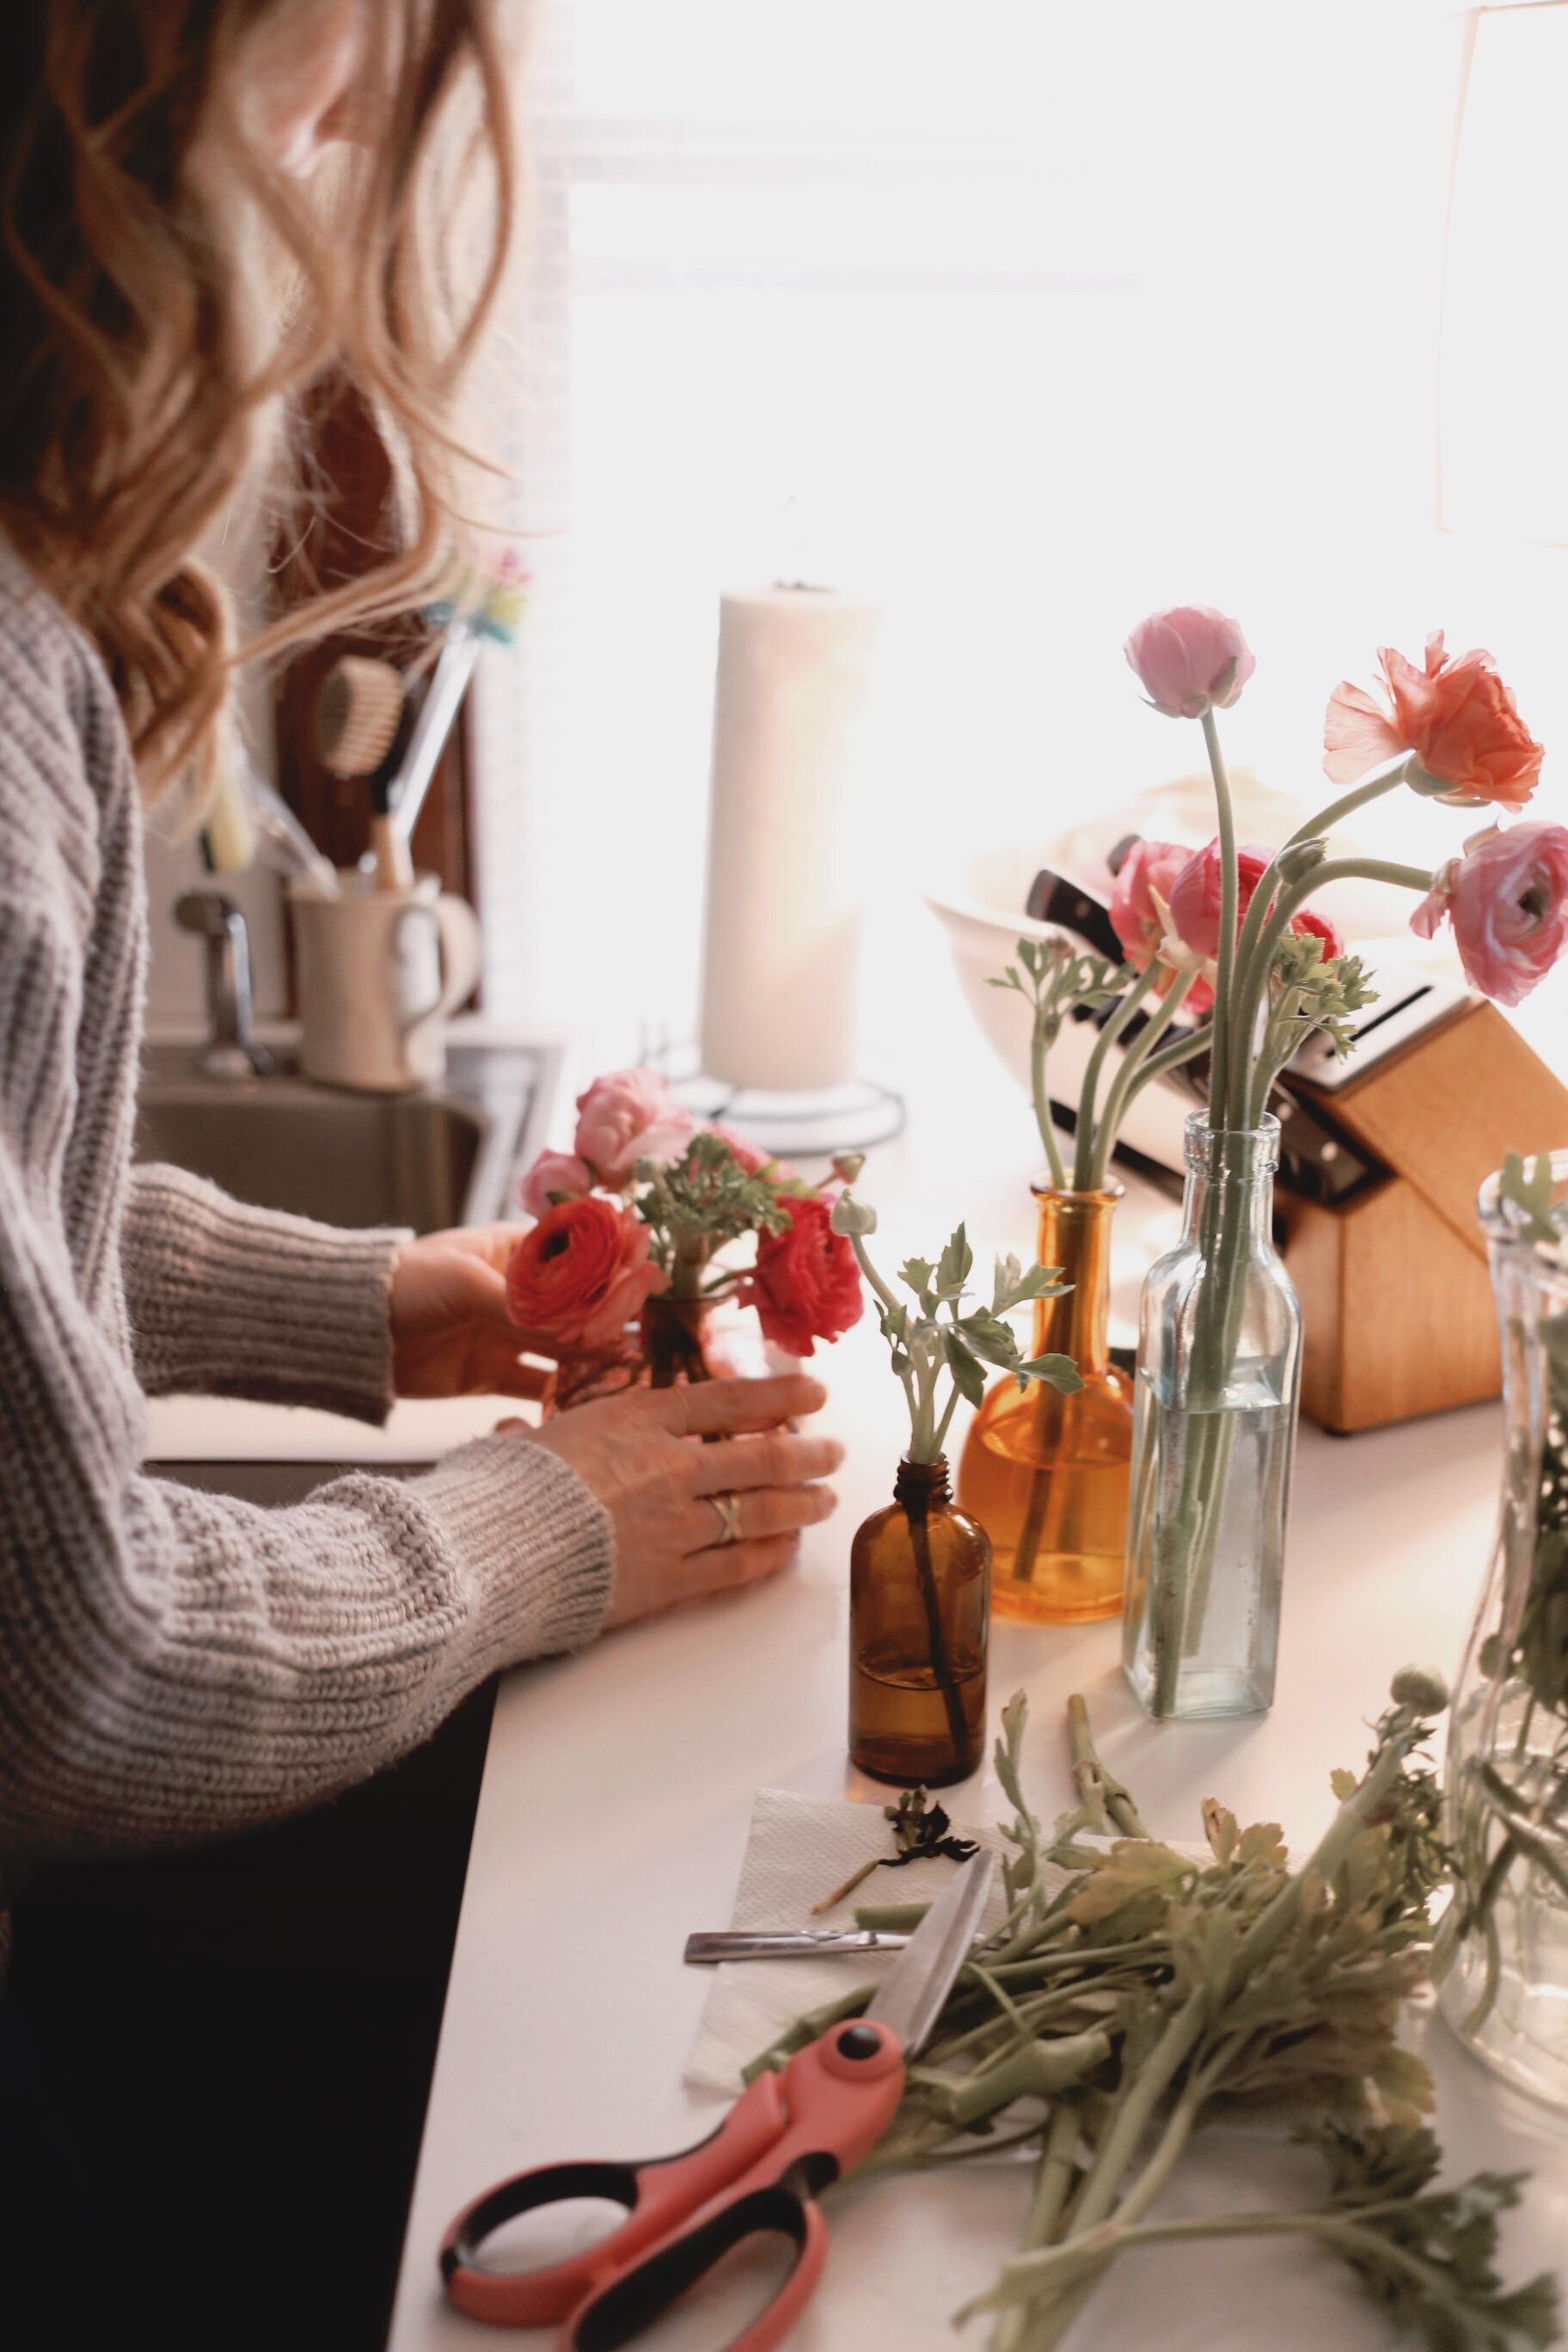 Rebecca-and-flowers.jpg